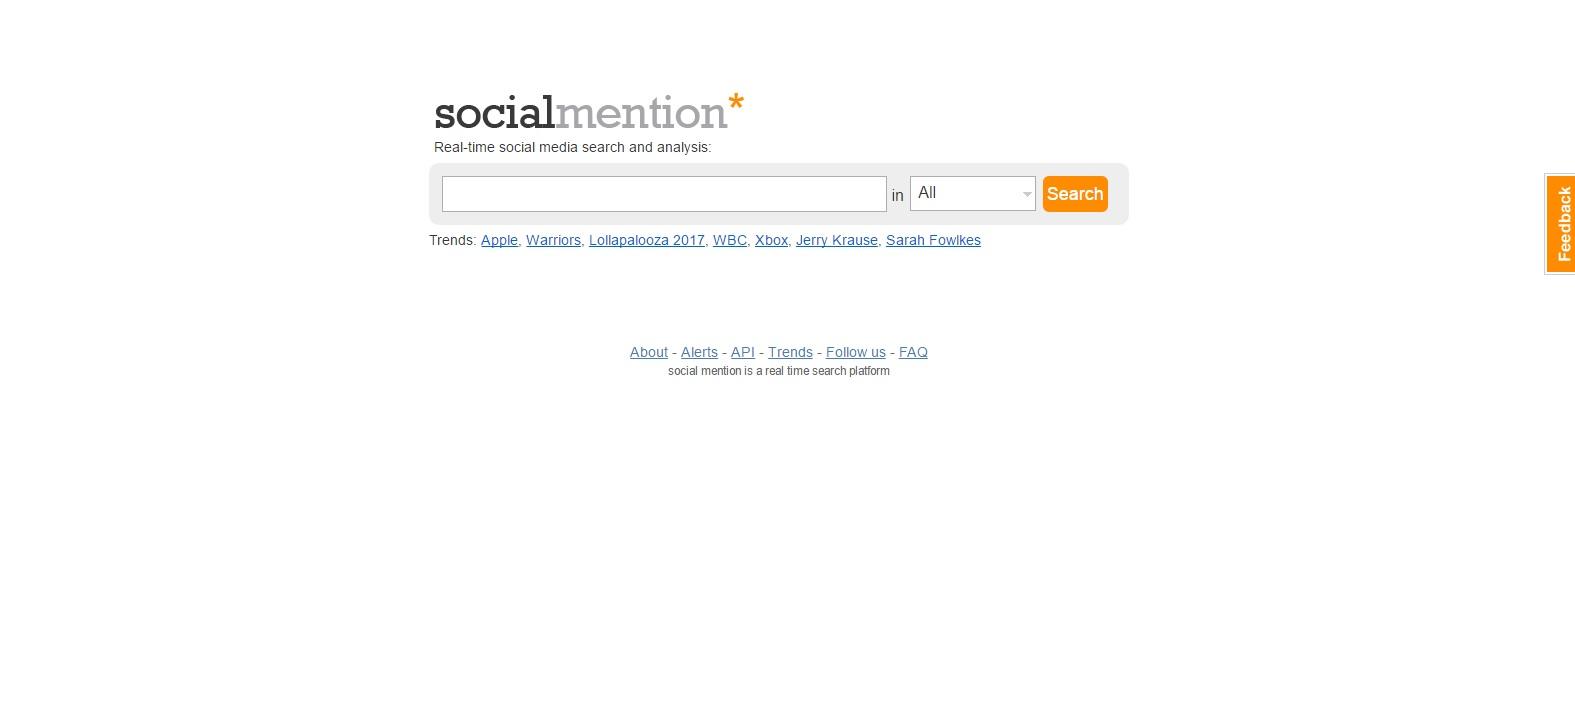 socialmention.jpg